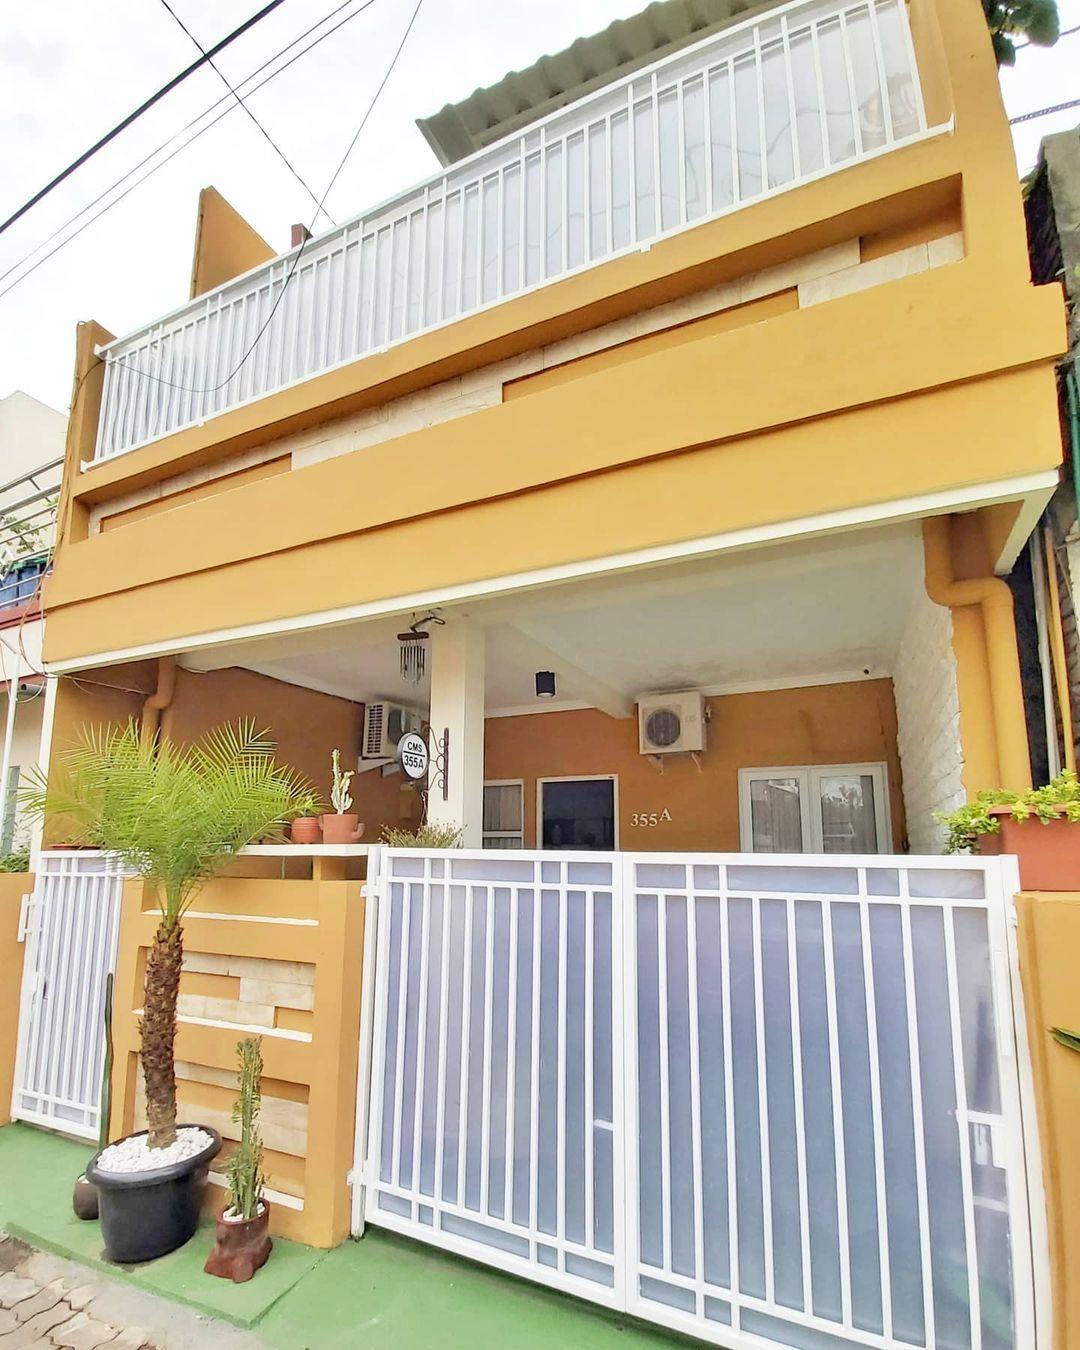 Fasad Rumah Minimalis_4